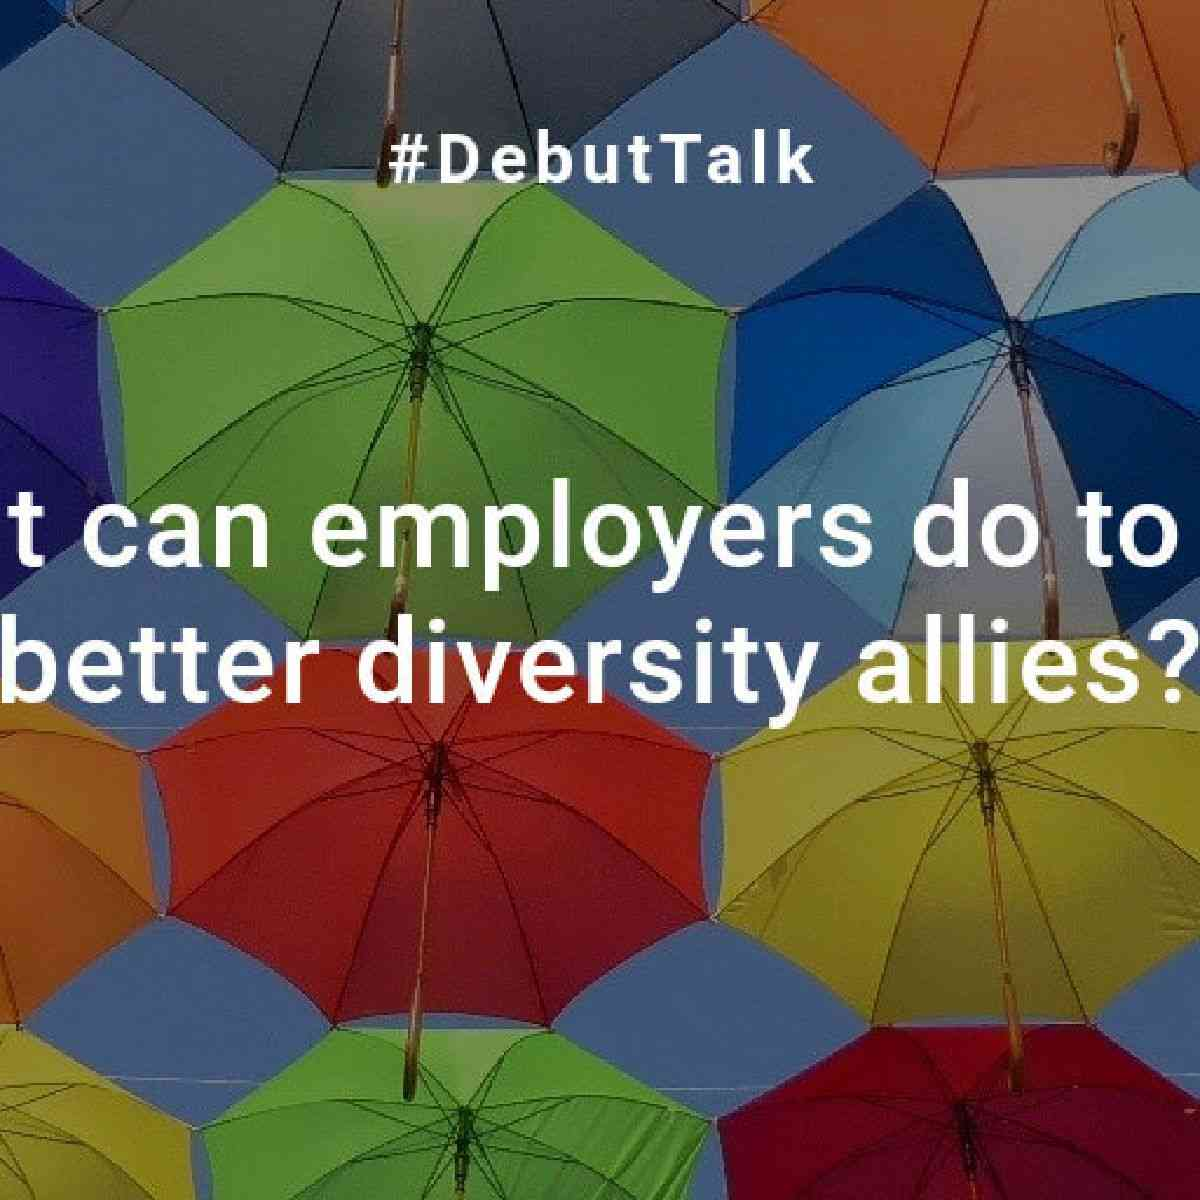 DebutTalk5-Q2: Diversity